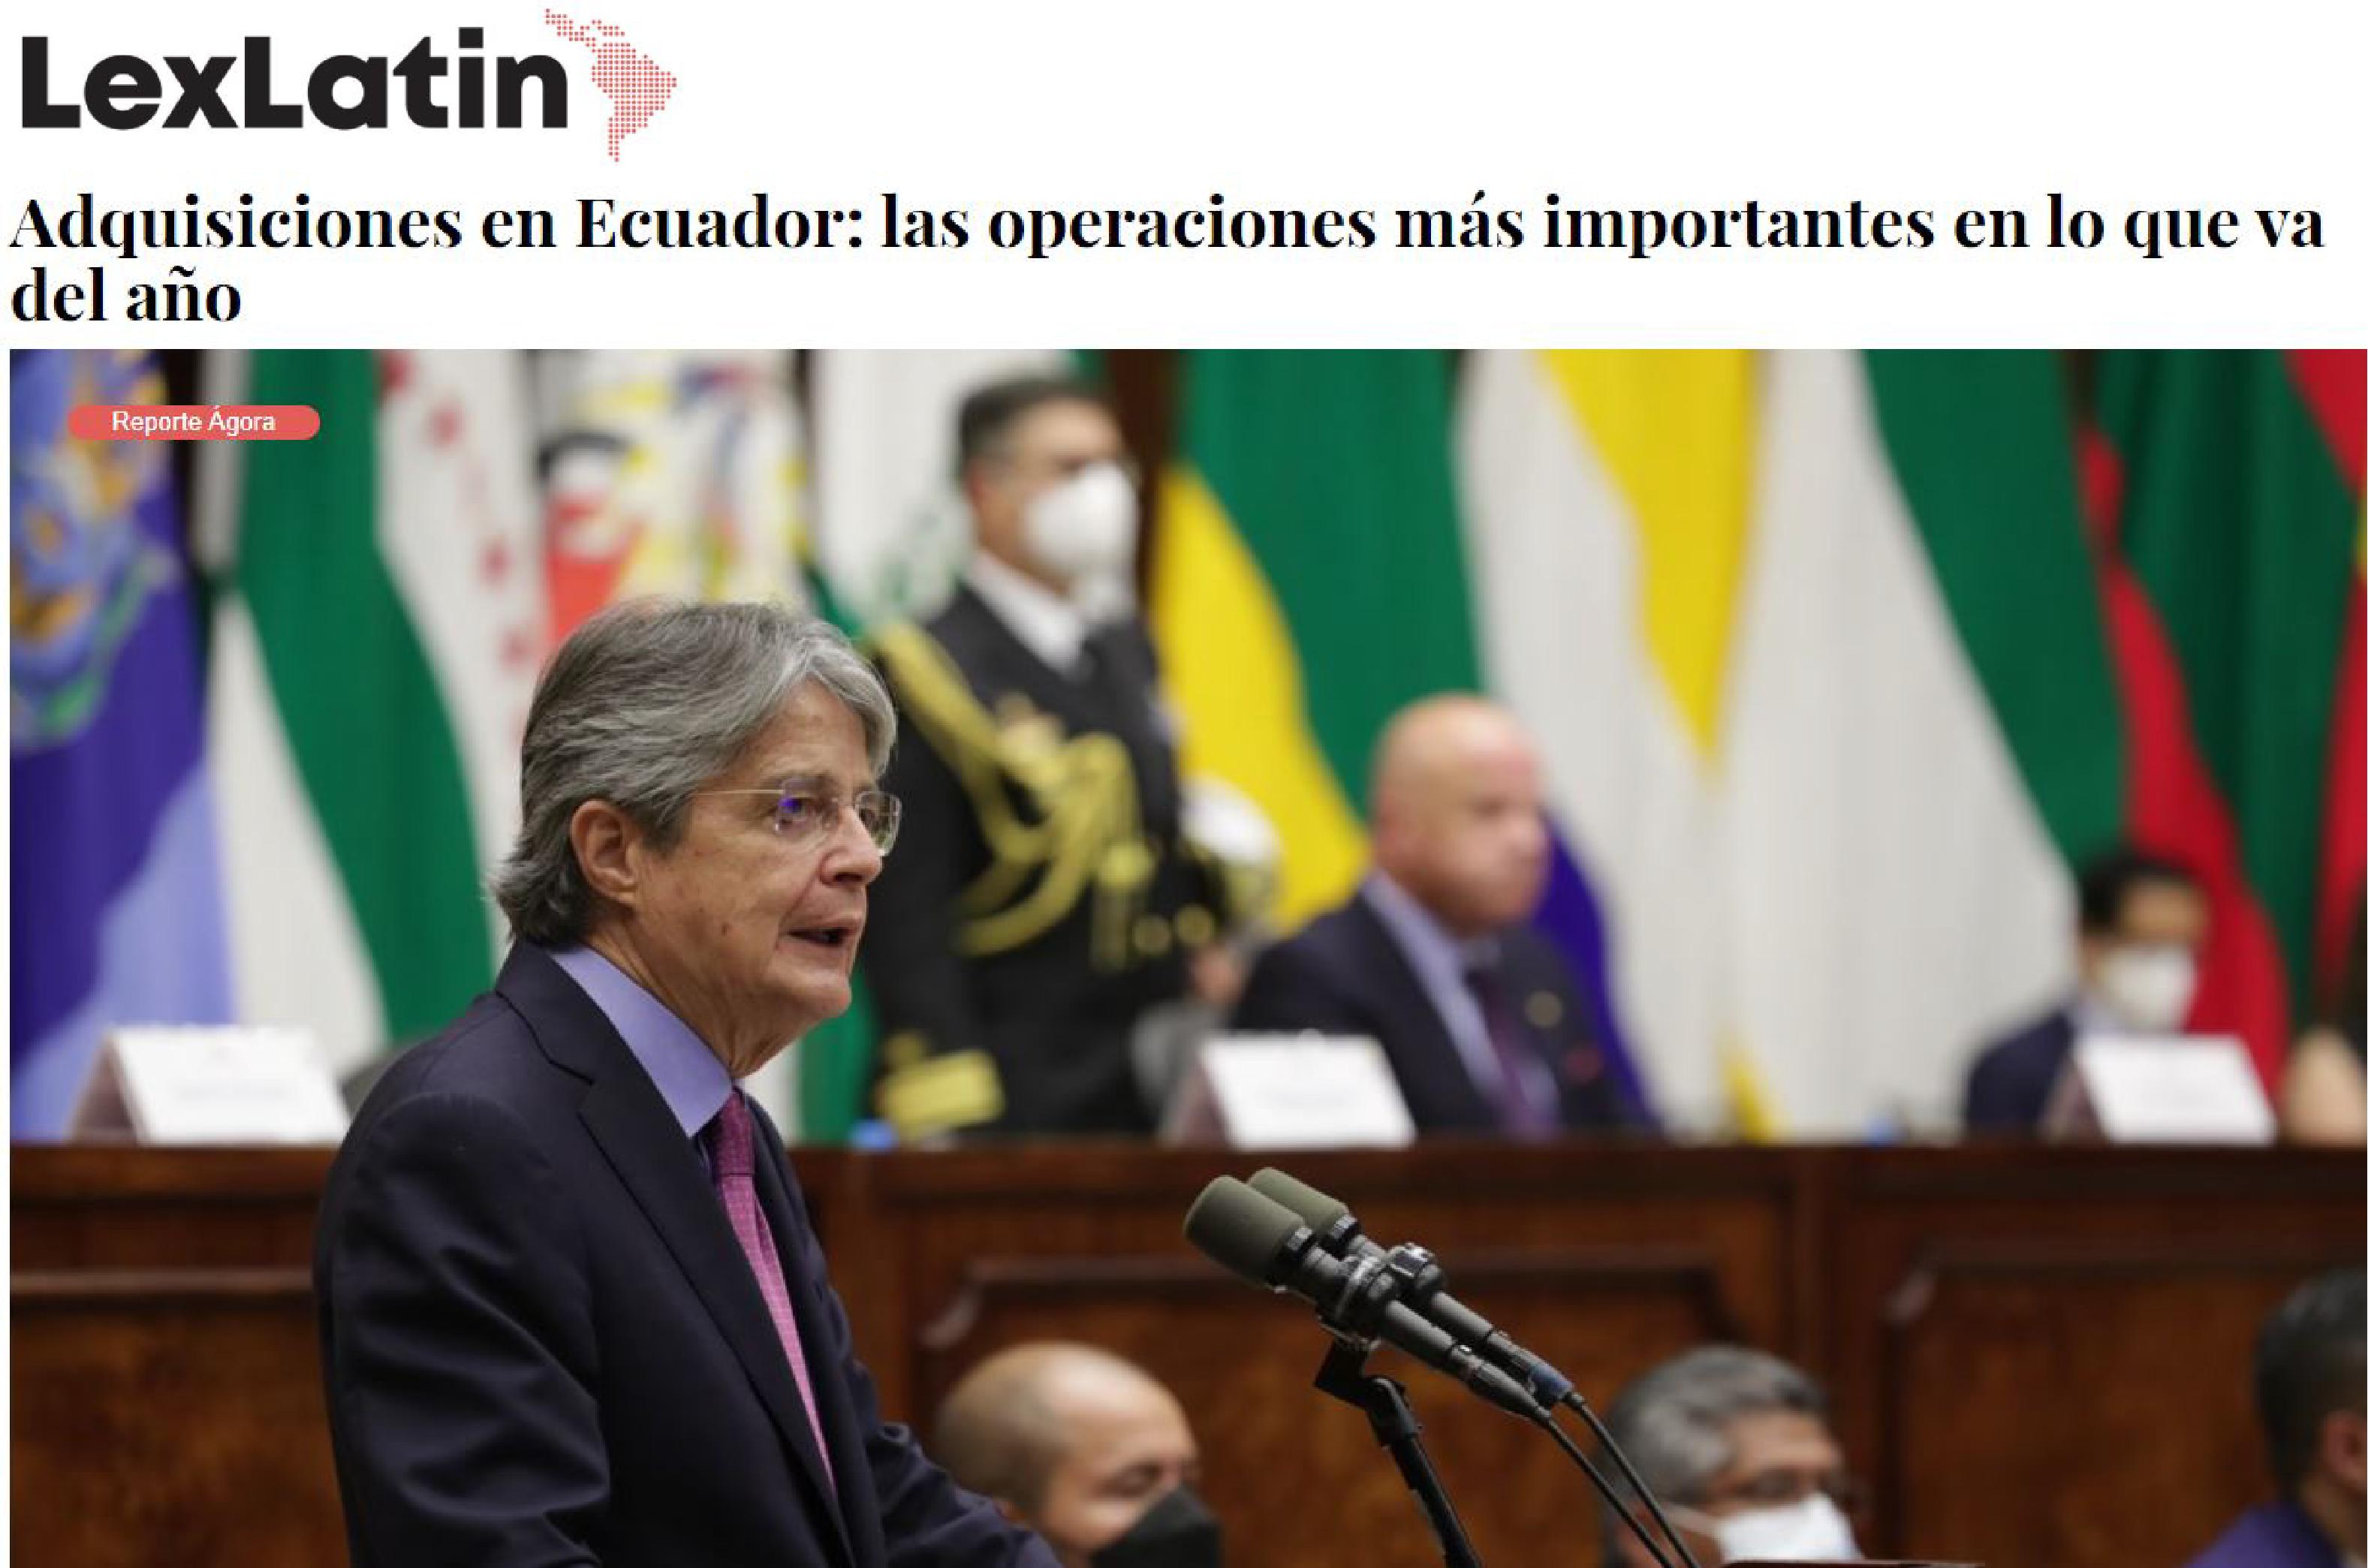 LexLatin - Adquisiciones en Ecuador: las operaciones más importantes en lo que va de año - CorralRosales - Abogados Ecuador